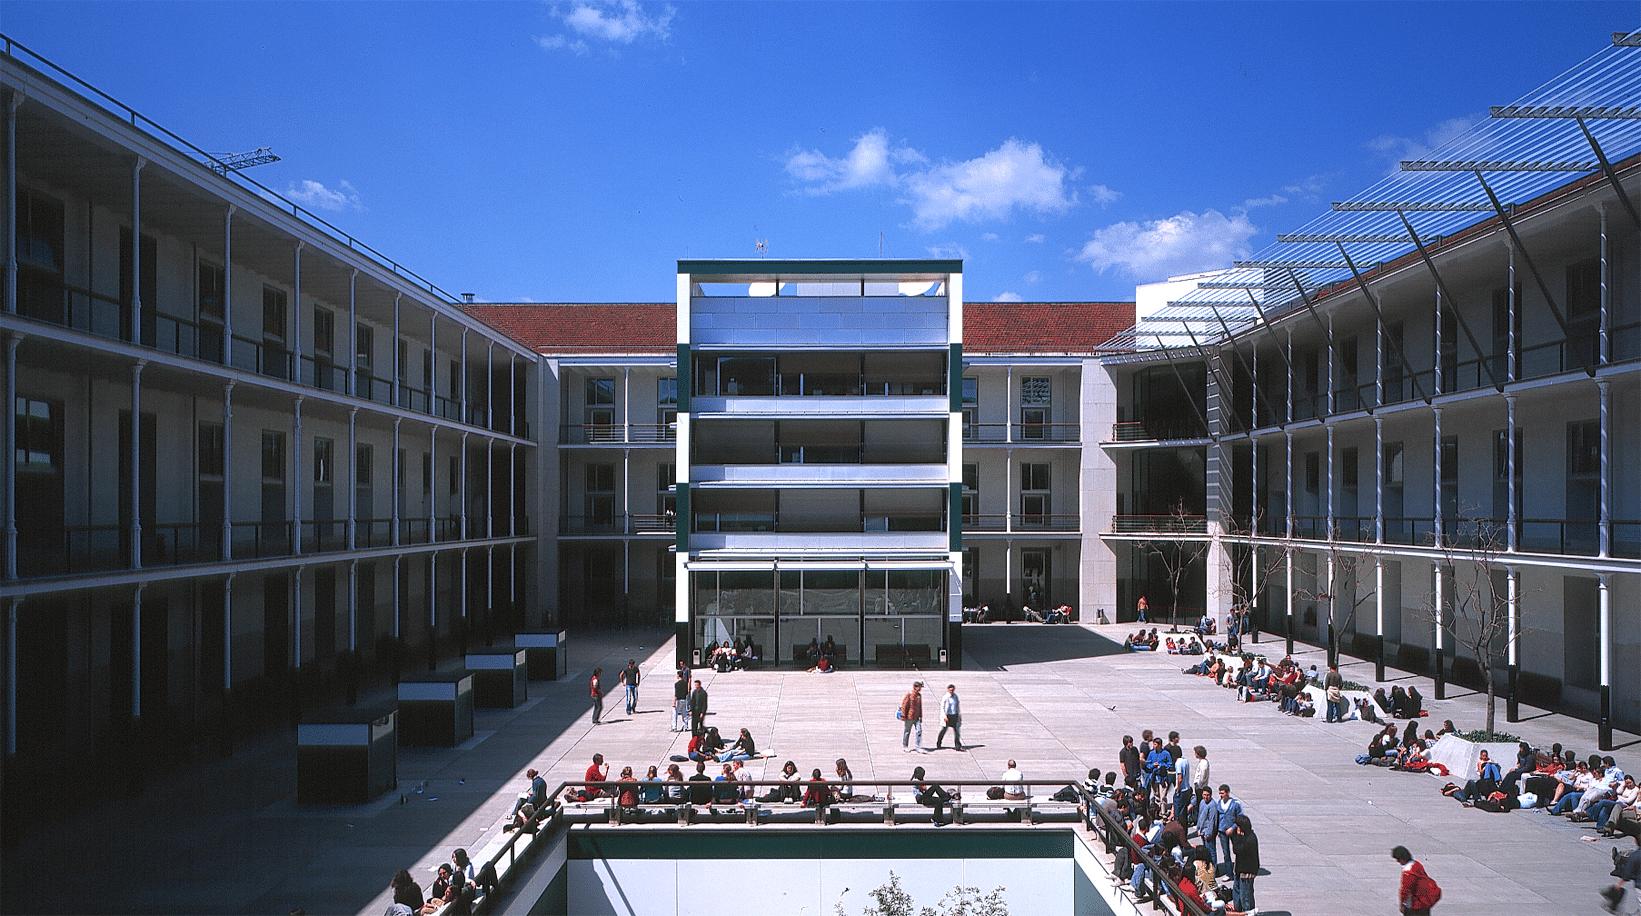 universidades-en-madrid-14